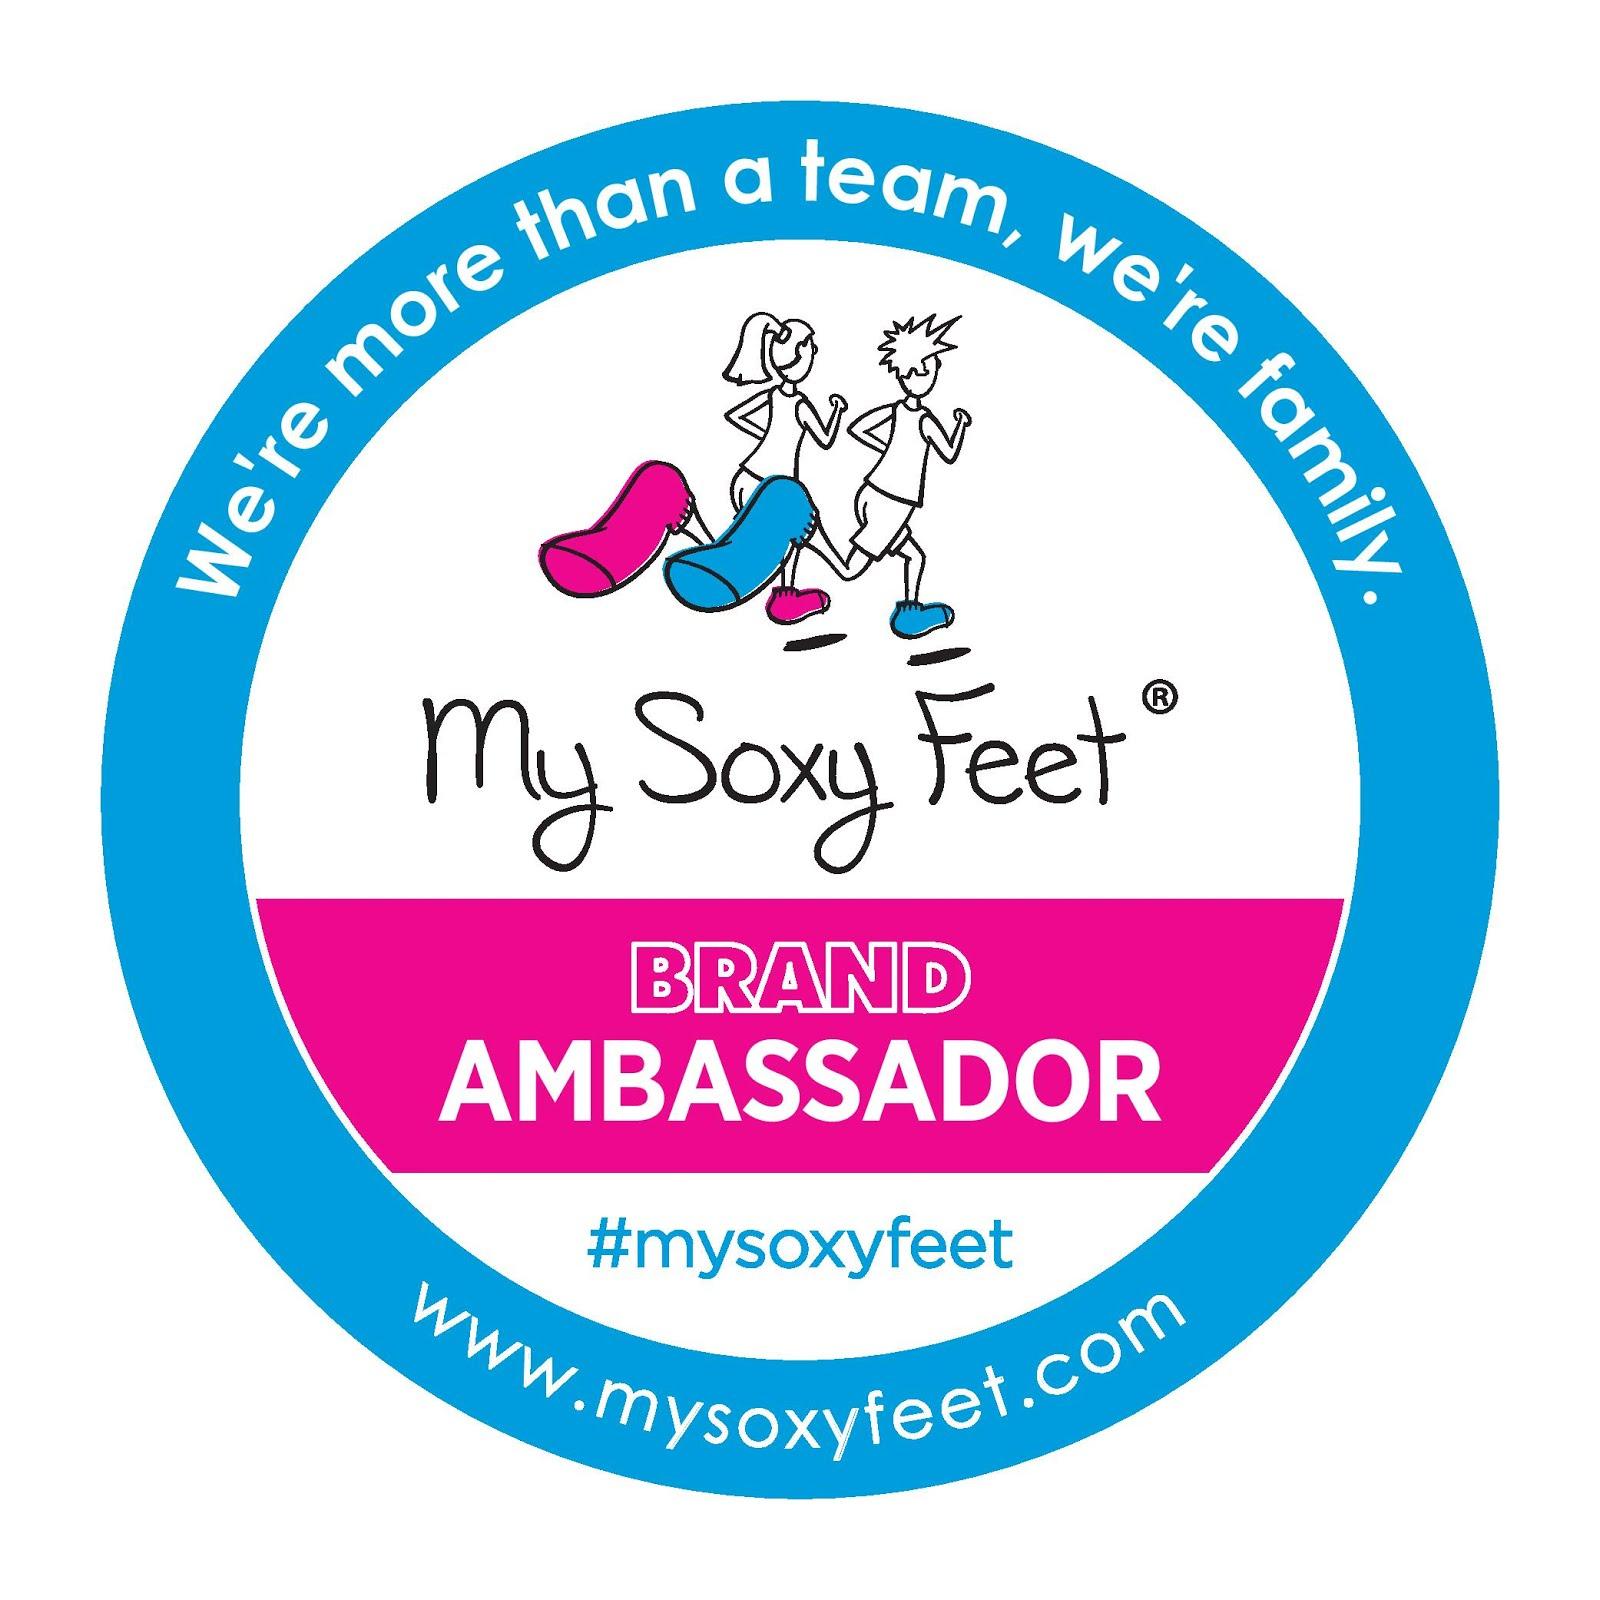 My Soxy Feet Ambassador